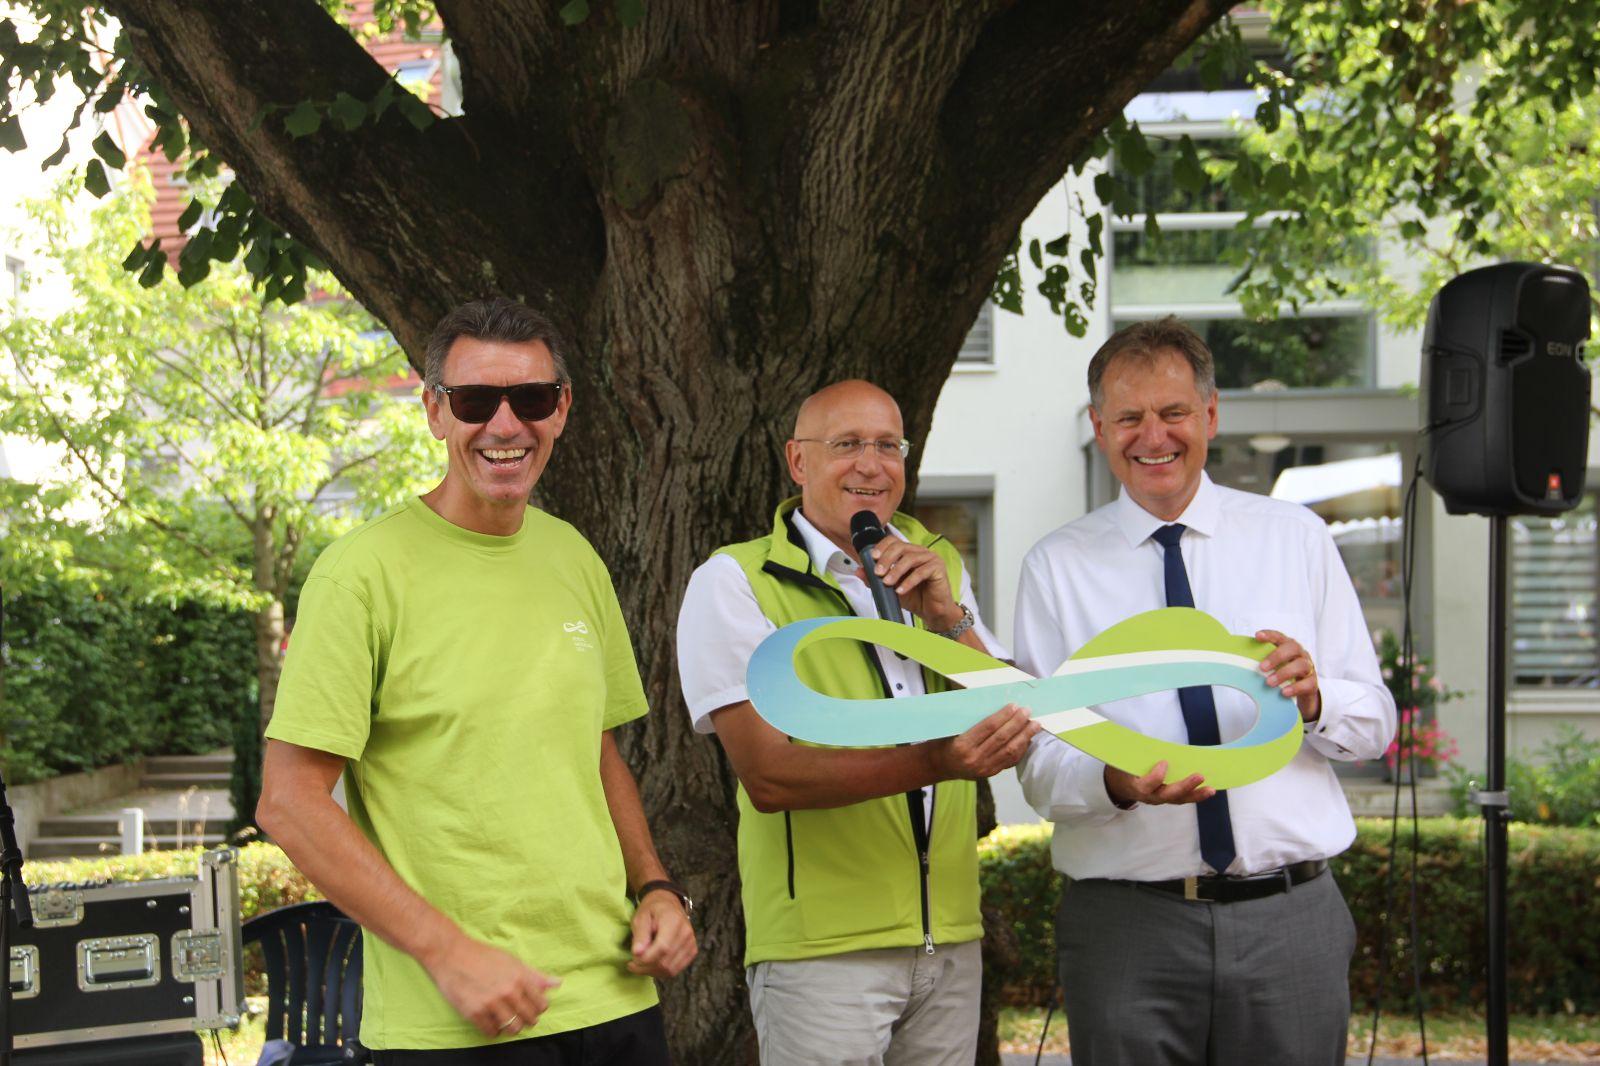 Stabübergabe von Bürgermeister Altenberger an den Gmünder OB Richard Arnold